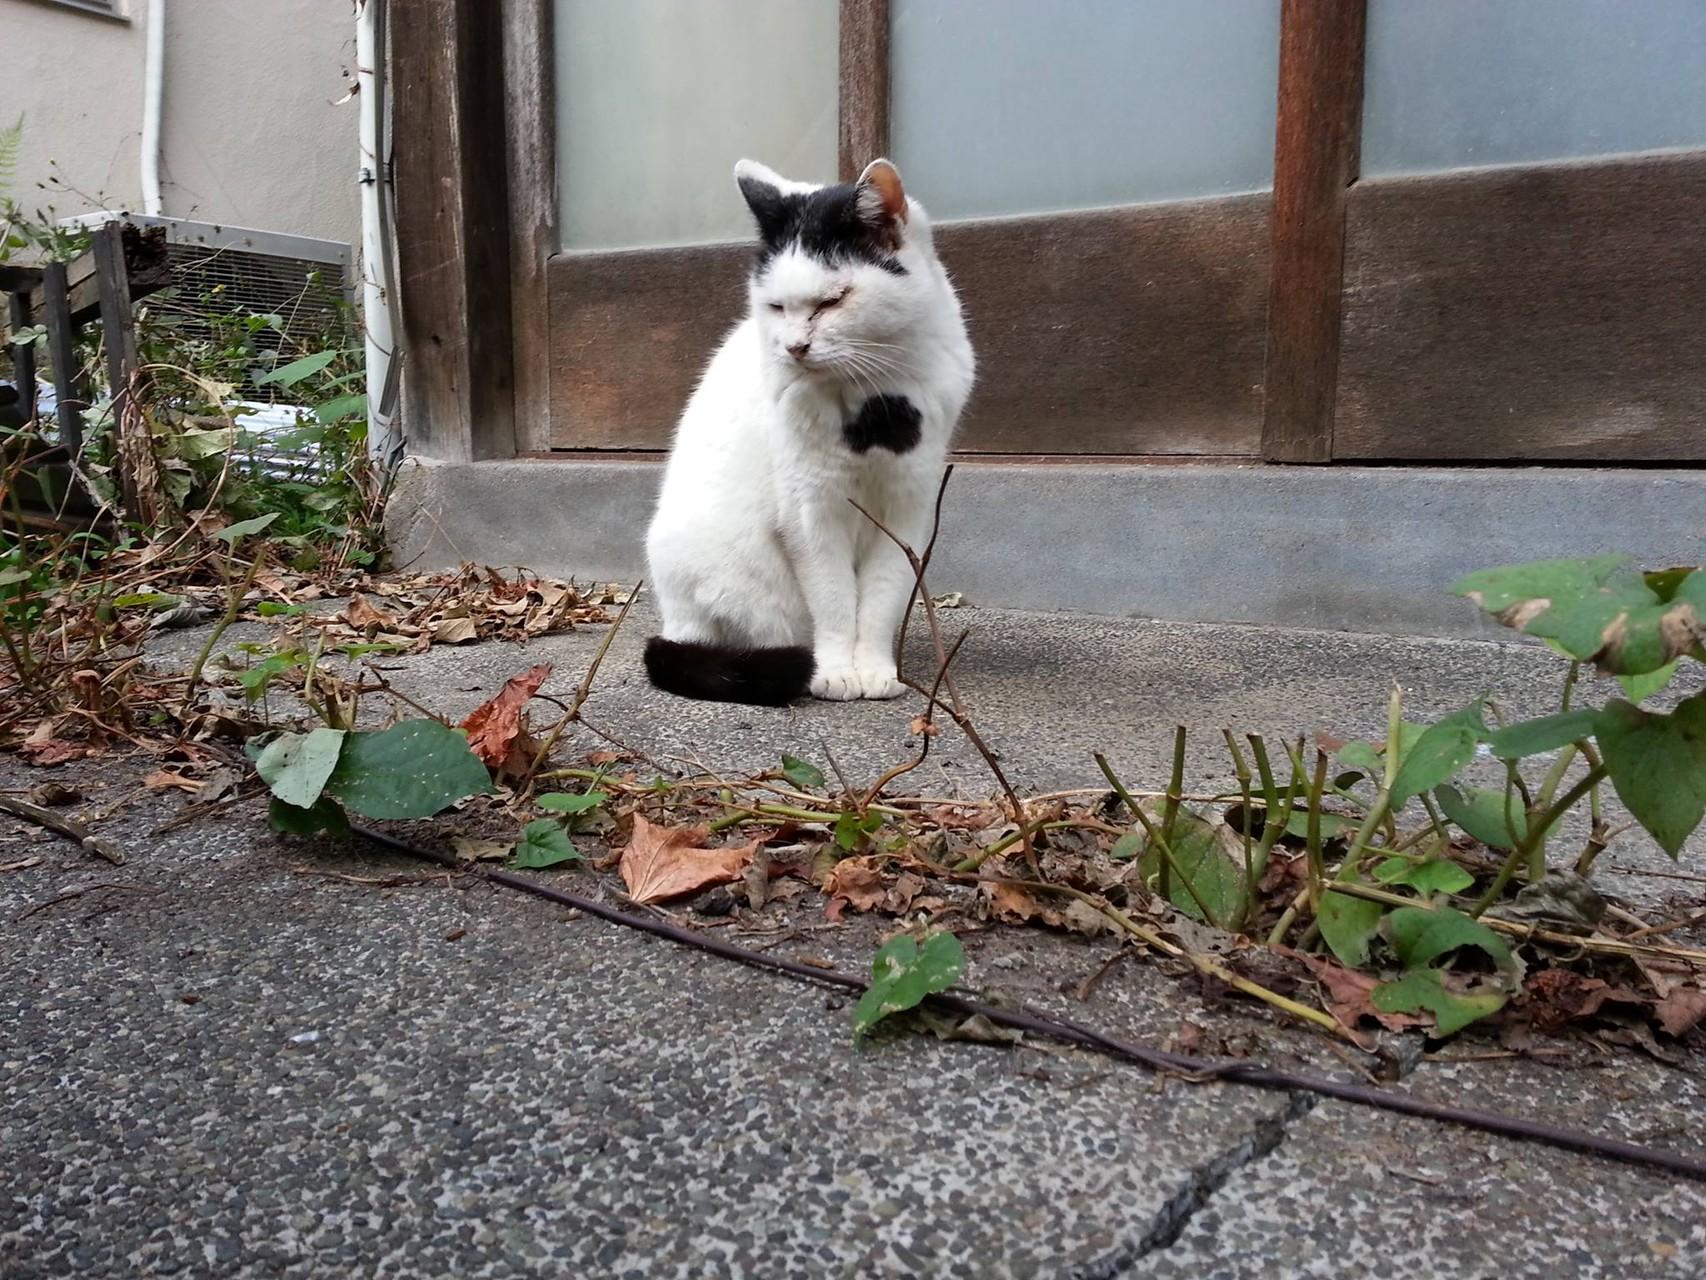 もうすぐ木枯らし吹く季節になるとです。心も寒くなるとです。ぬこ田です、ぬこ田です、ぬこ田です...。 【2014年10月26日】